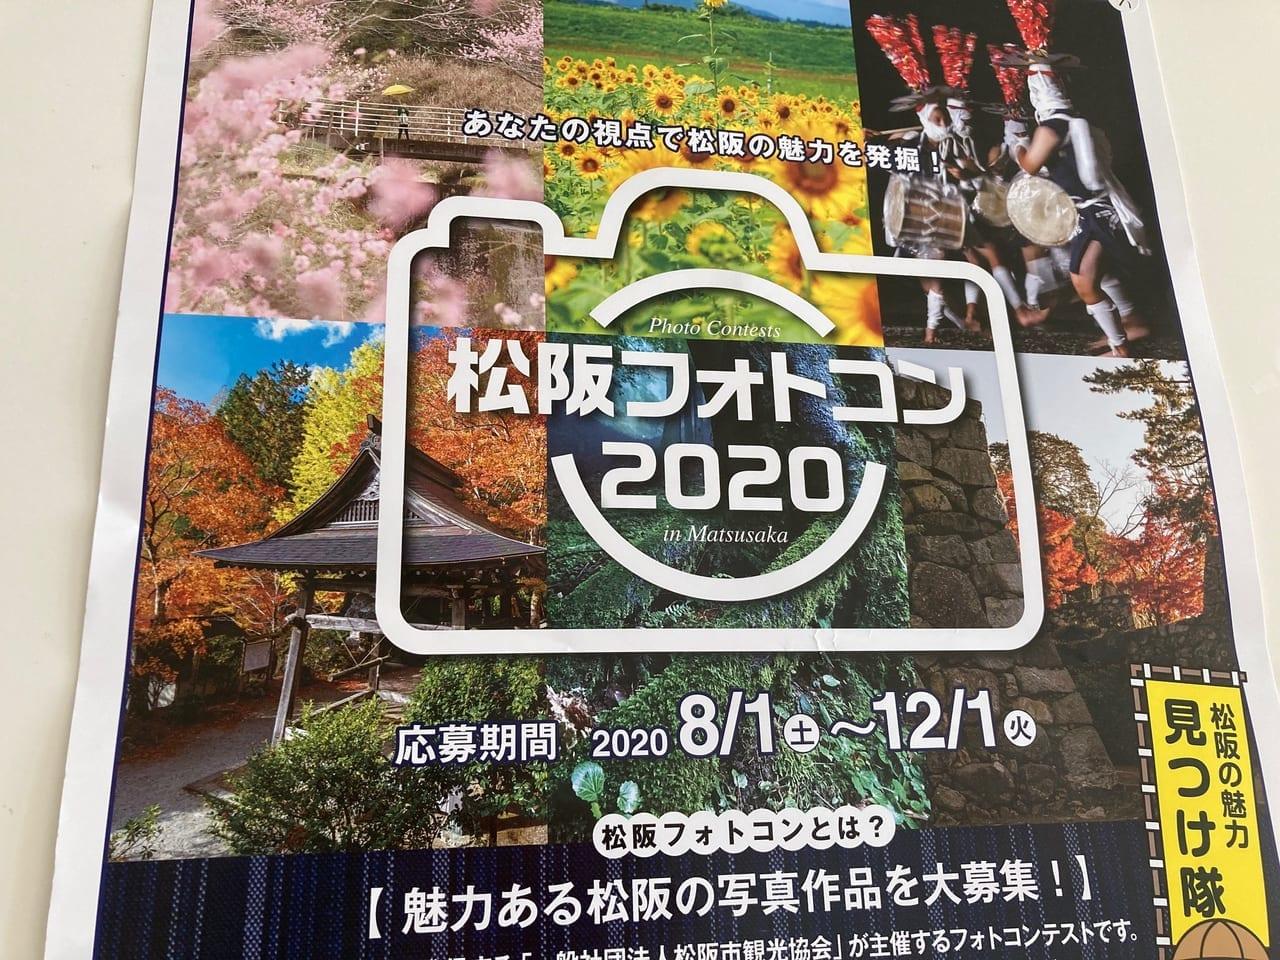 松阪フォトコン2020のポスター